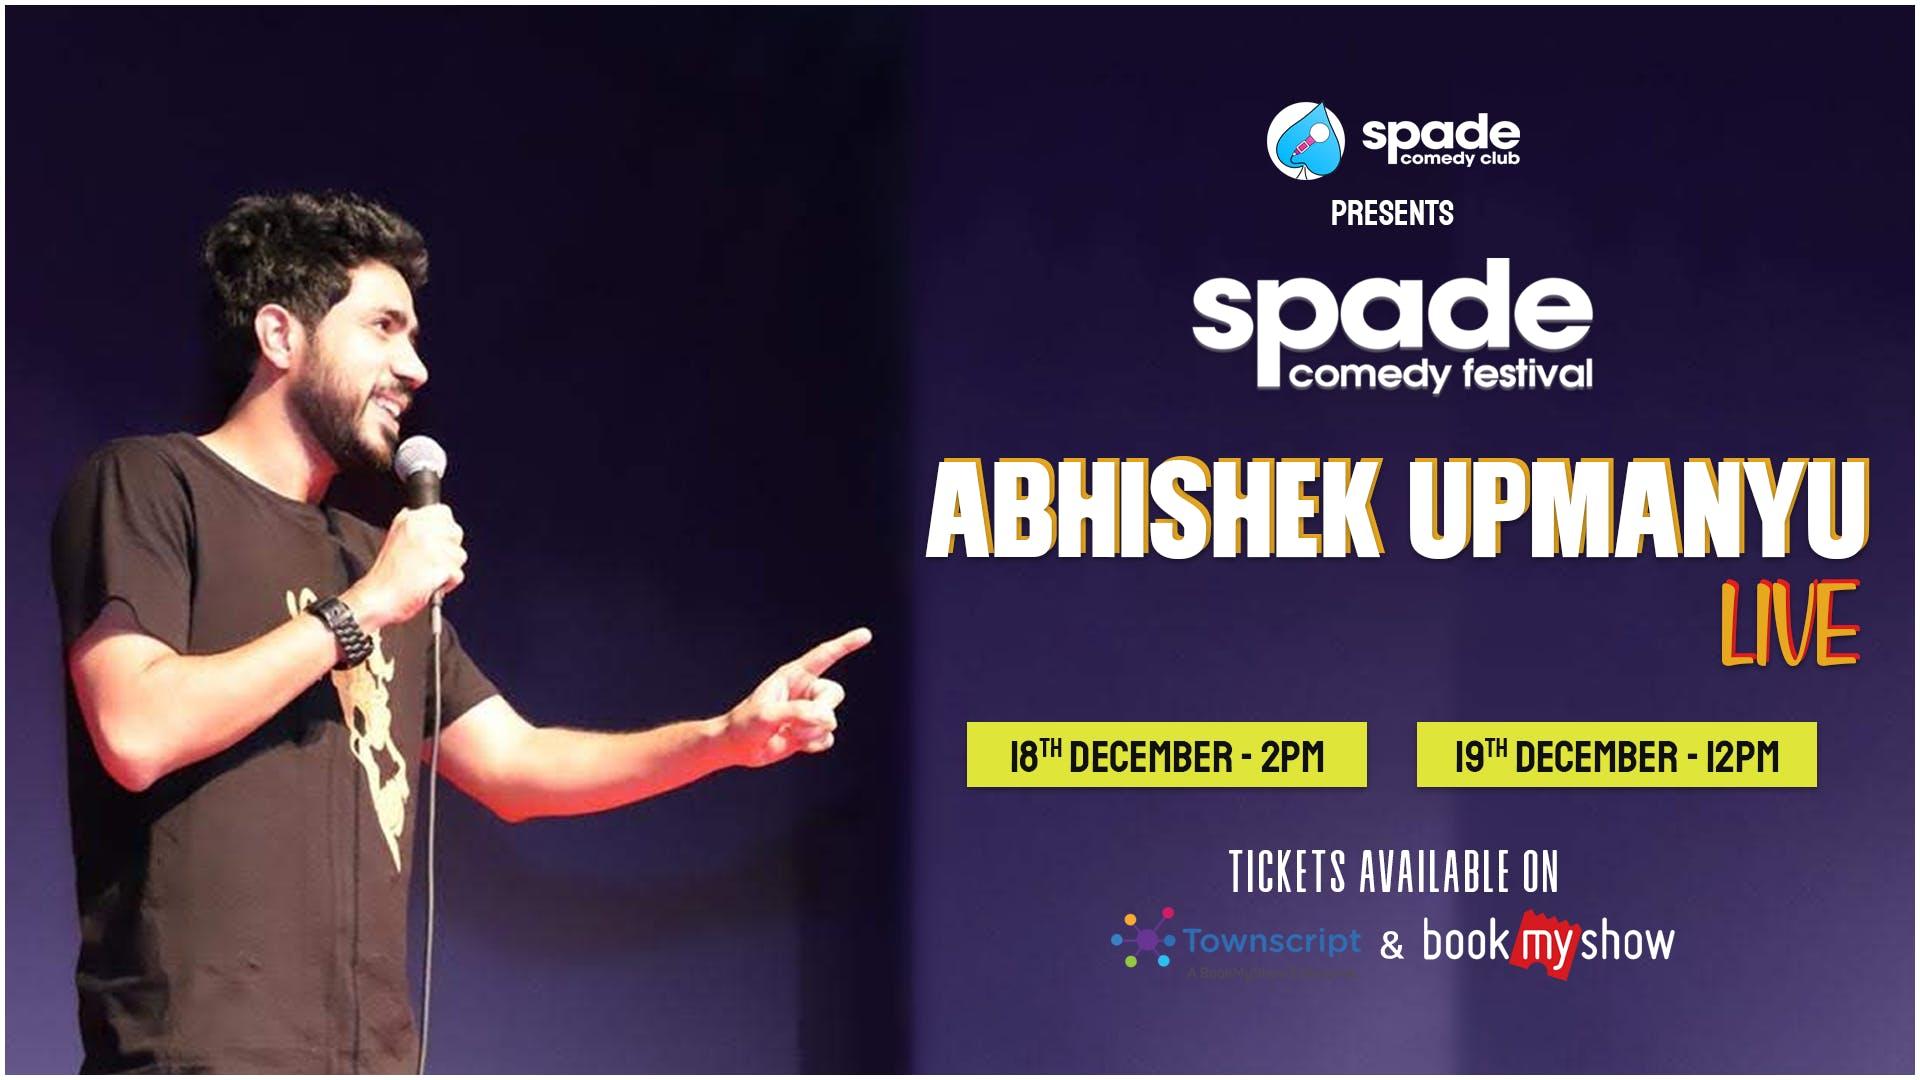 Abhishek Upmanyu Live! At Spade Comedy Festival